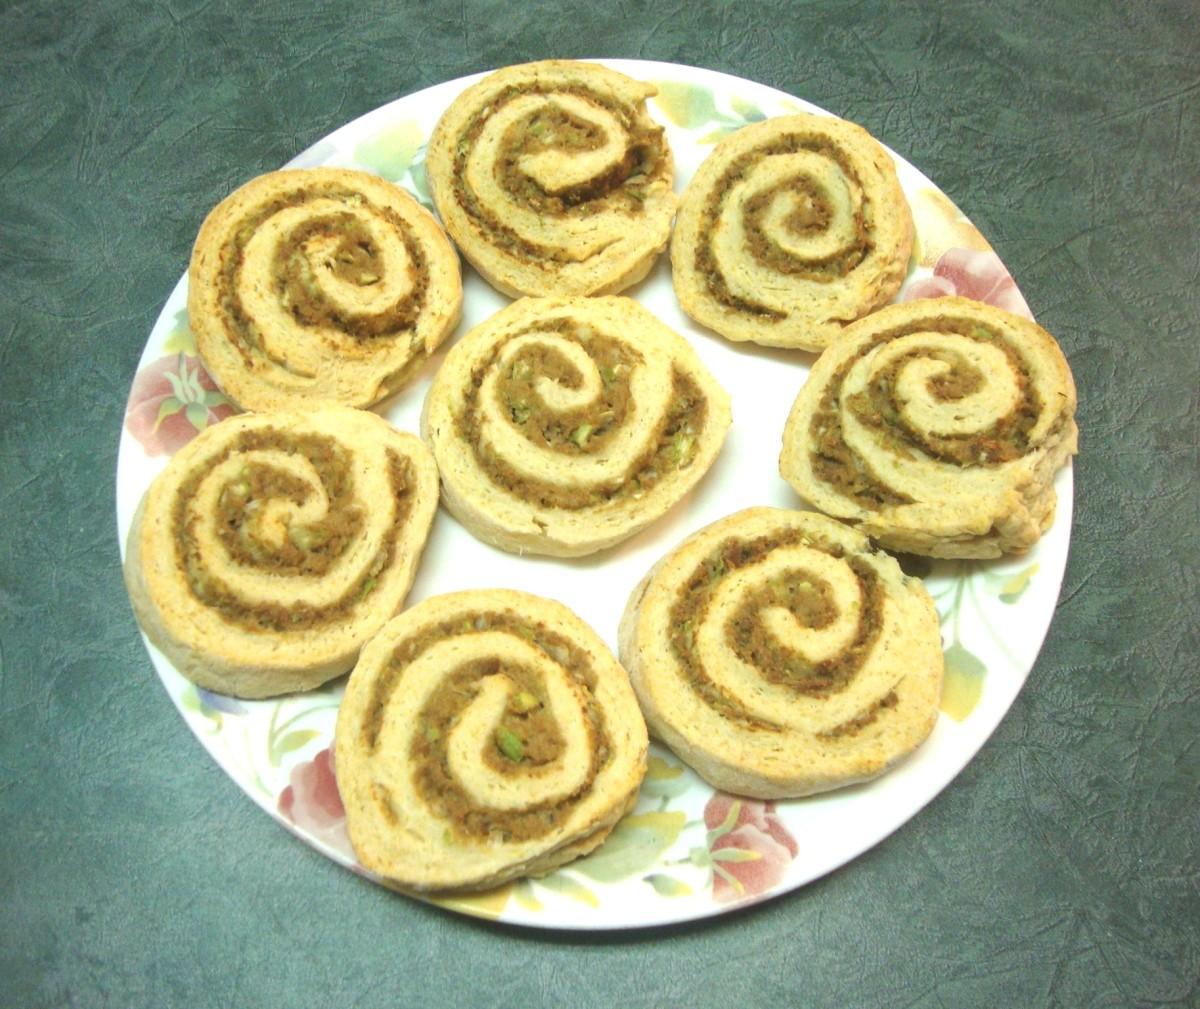 Turkey-Filled Biscuit Spirals